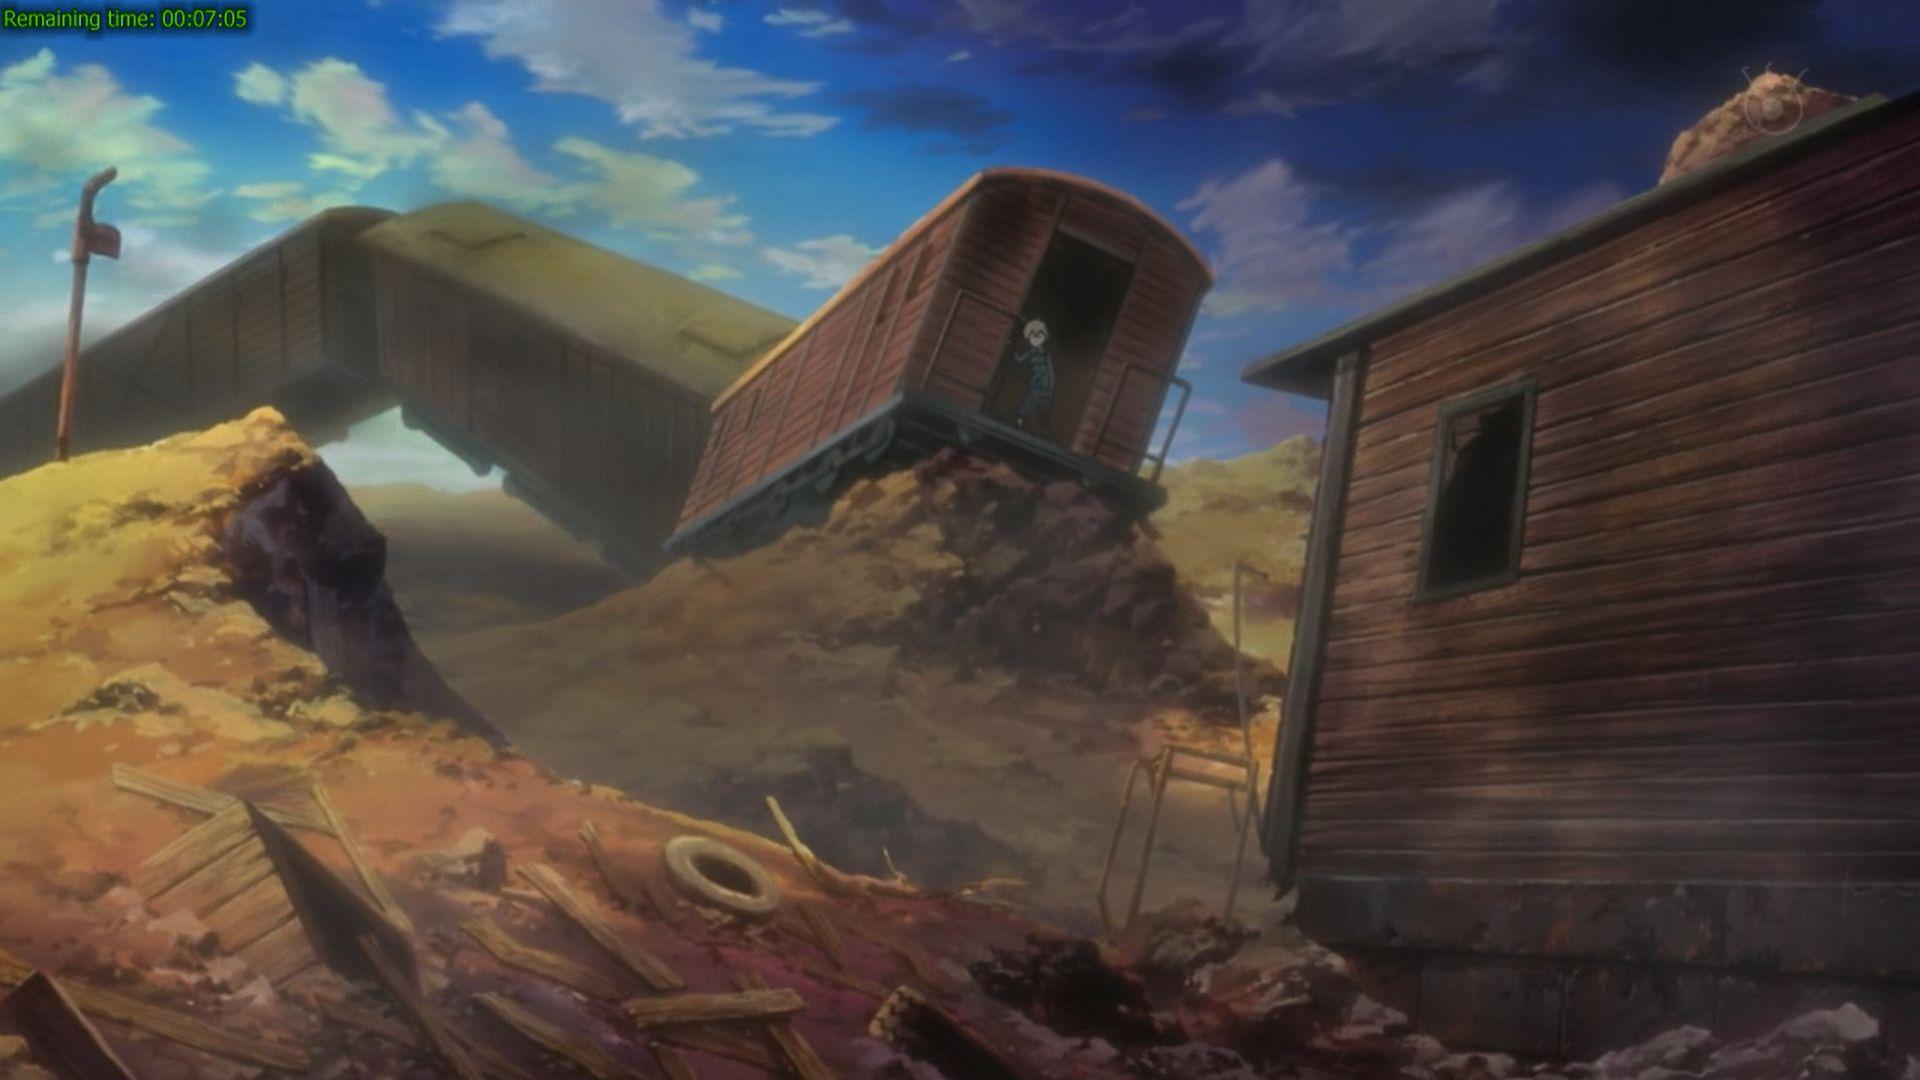 Kết quả hình ảnh cho Train accident anime